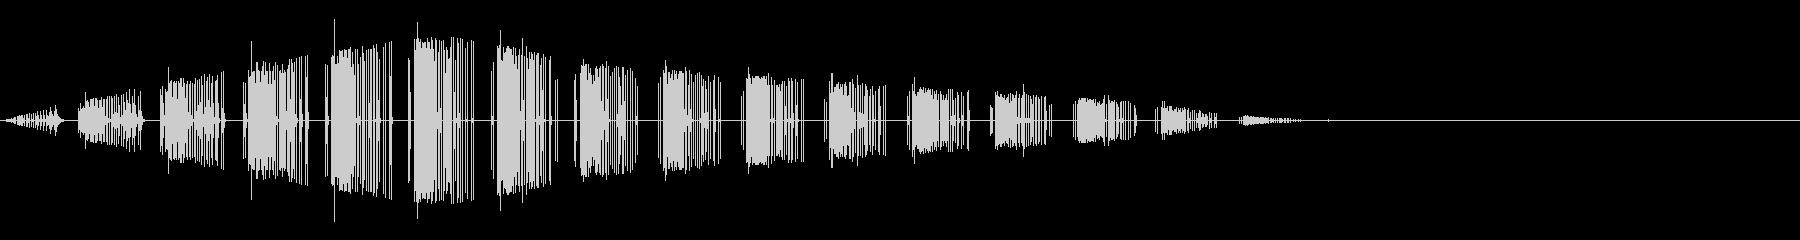 ババババ(レトロ/出現/魔法/8bit)の未再生の波形